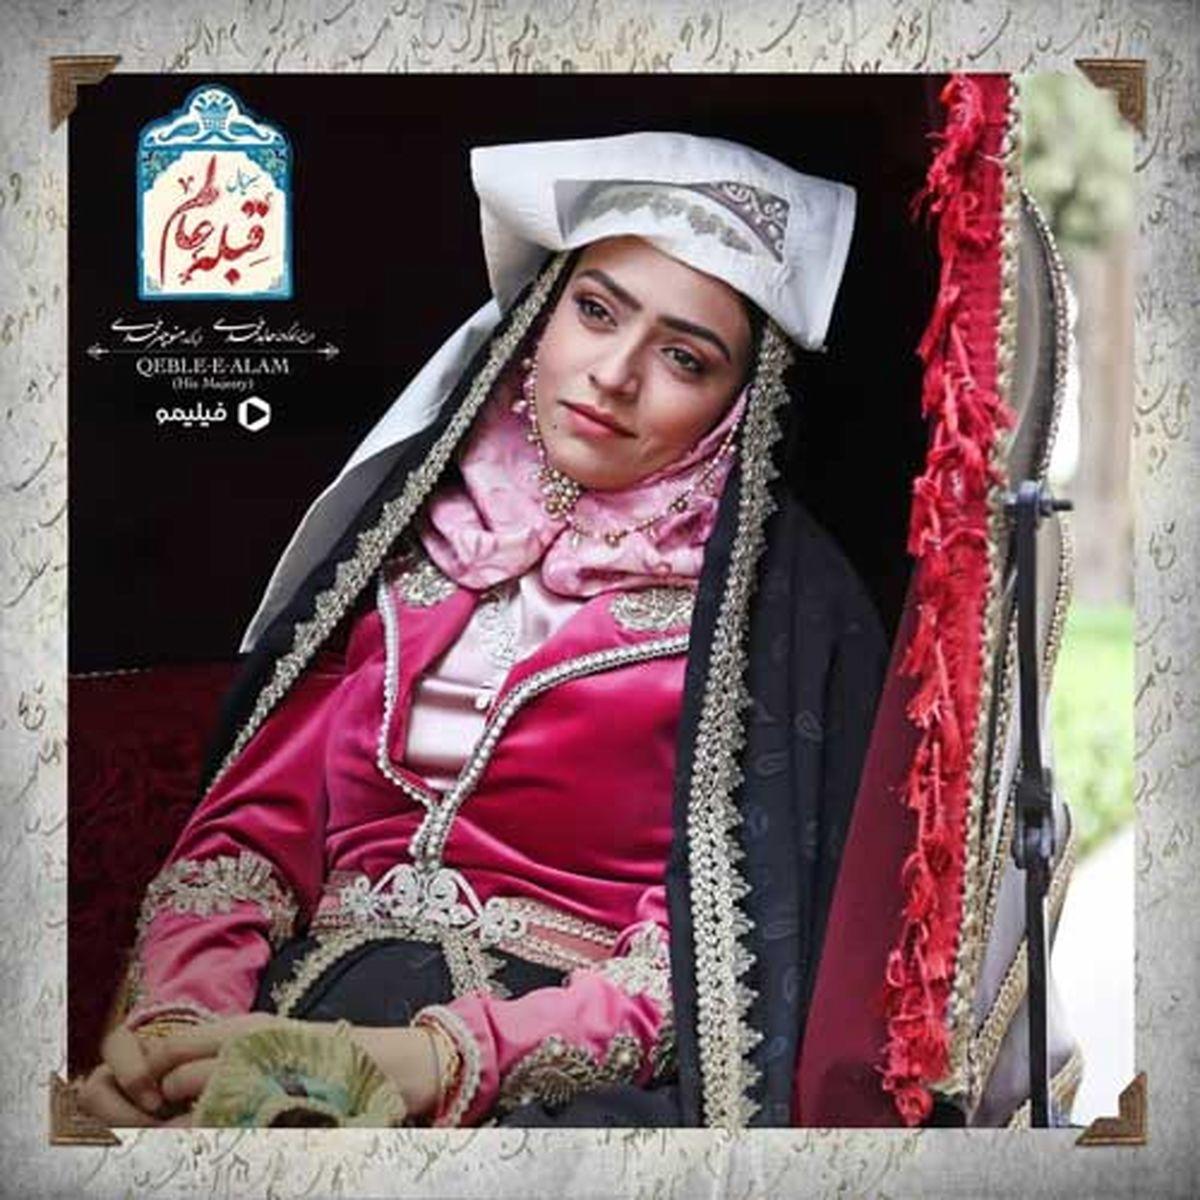 تصویری از سوگل خلیق در سریال «قبله عالم» منتشر شد